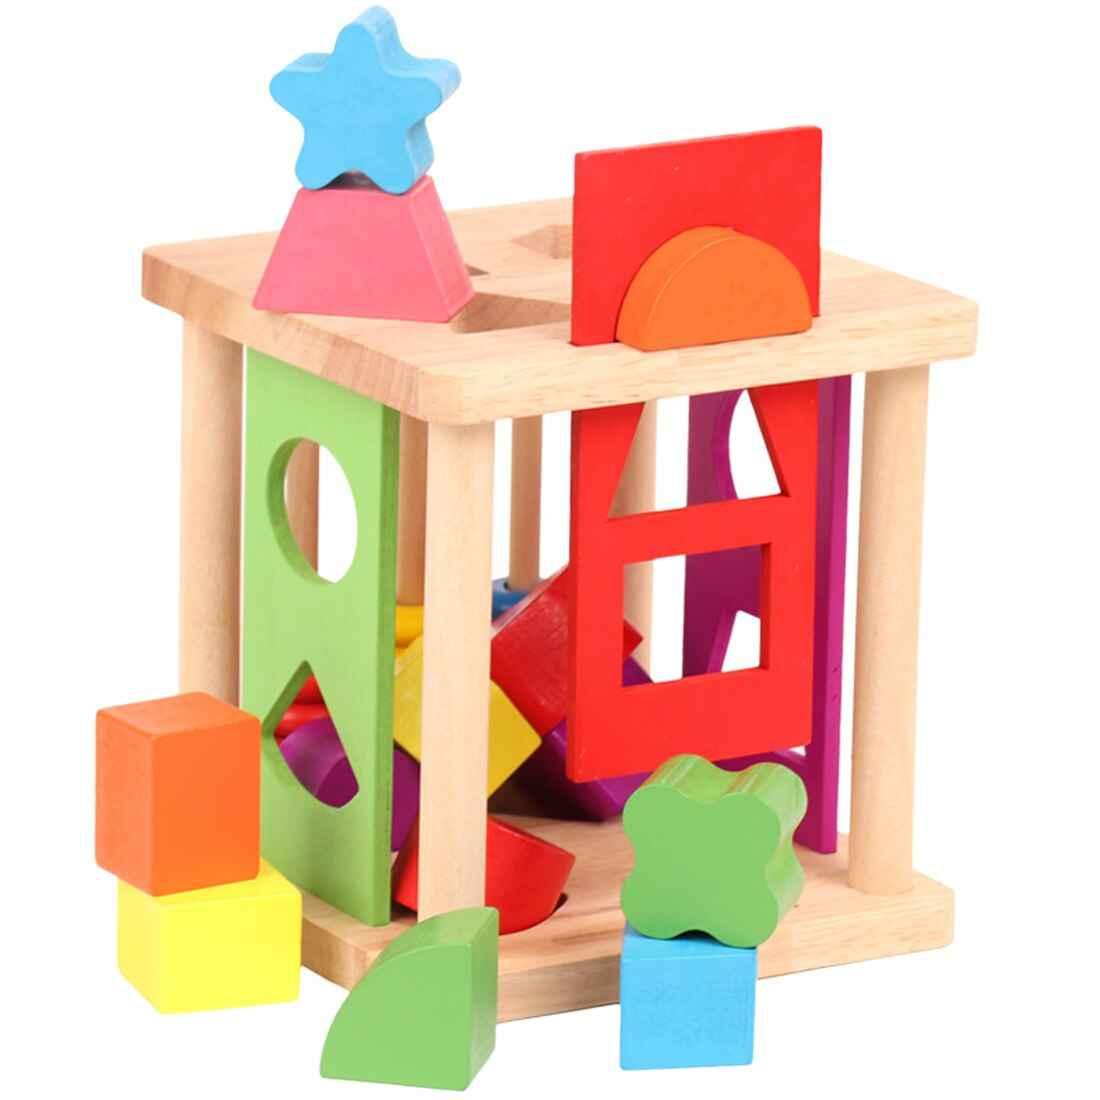 Wooden Shape Matching Building Blocks Match Shape Sorter